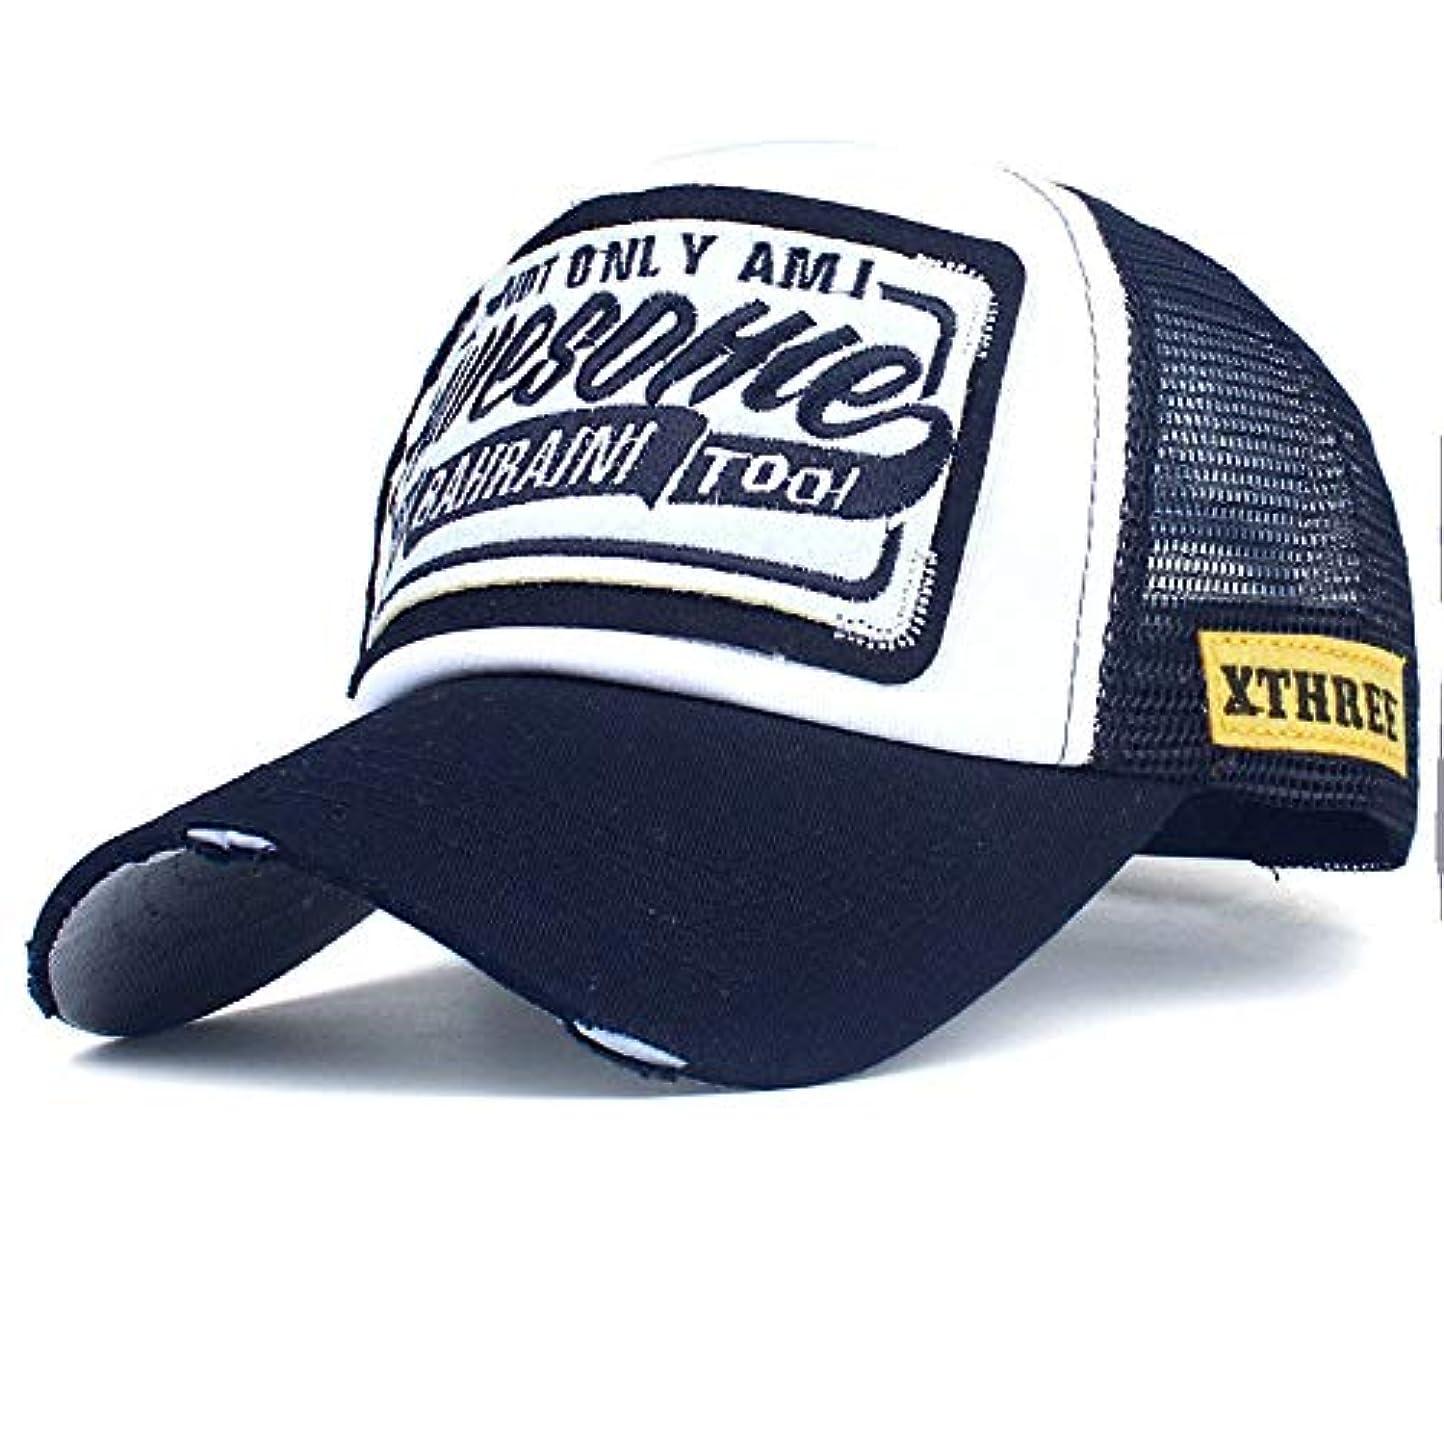 試してみるマイナークーポンRacazing カモフラージュ 野球帽 ヒップホップ メンズ 夏 登山 帽子 迷彩 可調整可能 プラスベルベット 棒球帽 UV 帽子 UVカット軽量 屋外 Unisex 鸭舌帽 Hat Cap